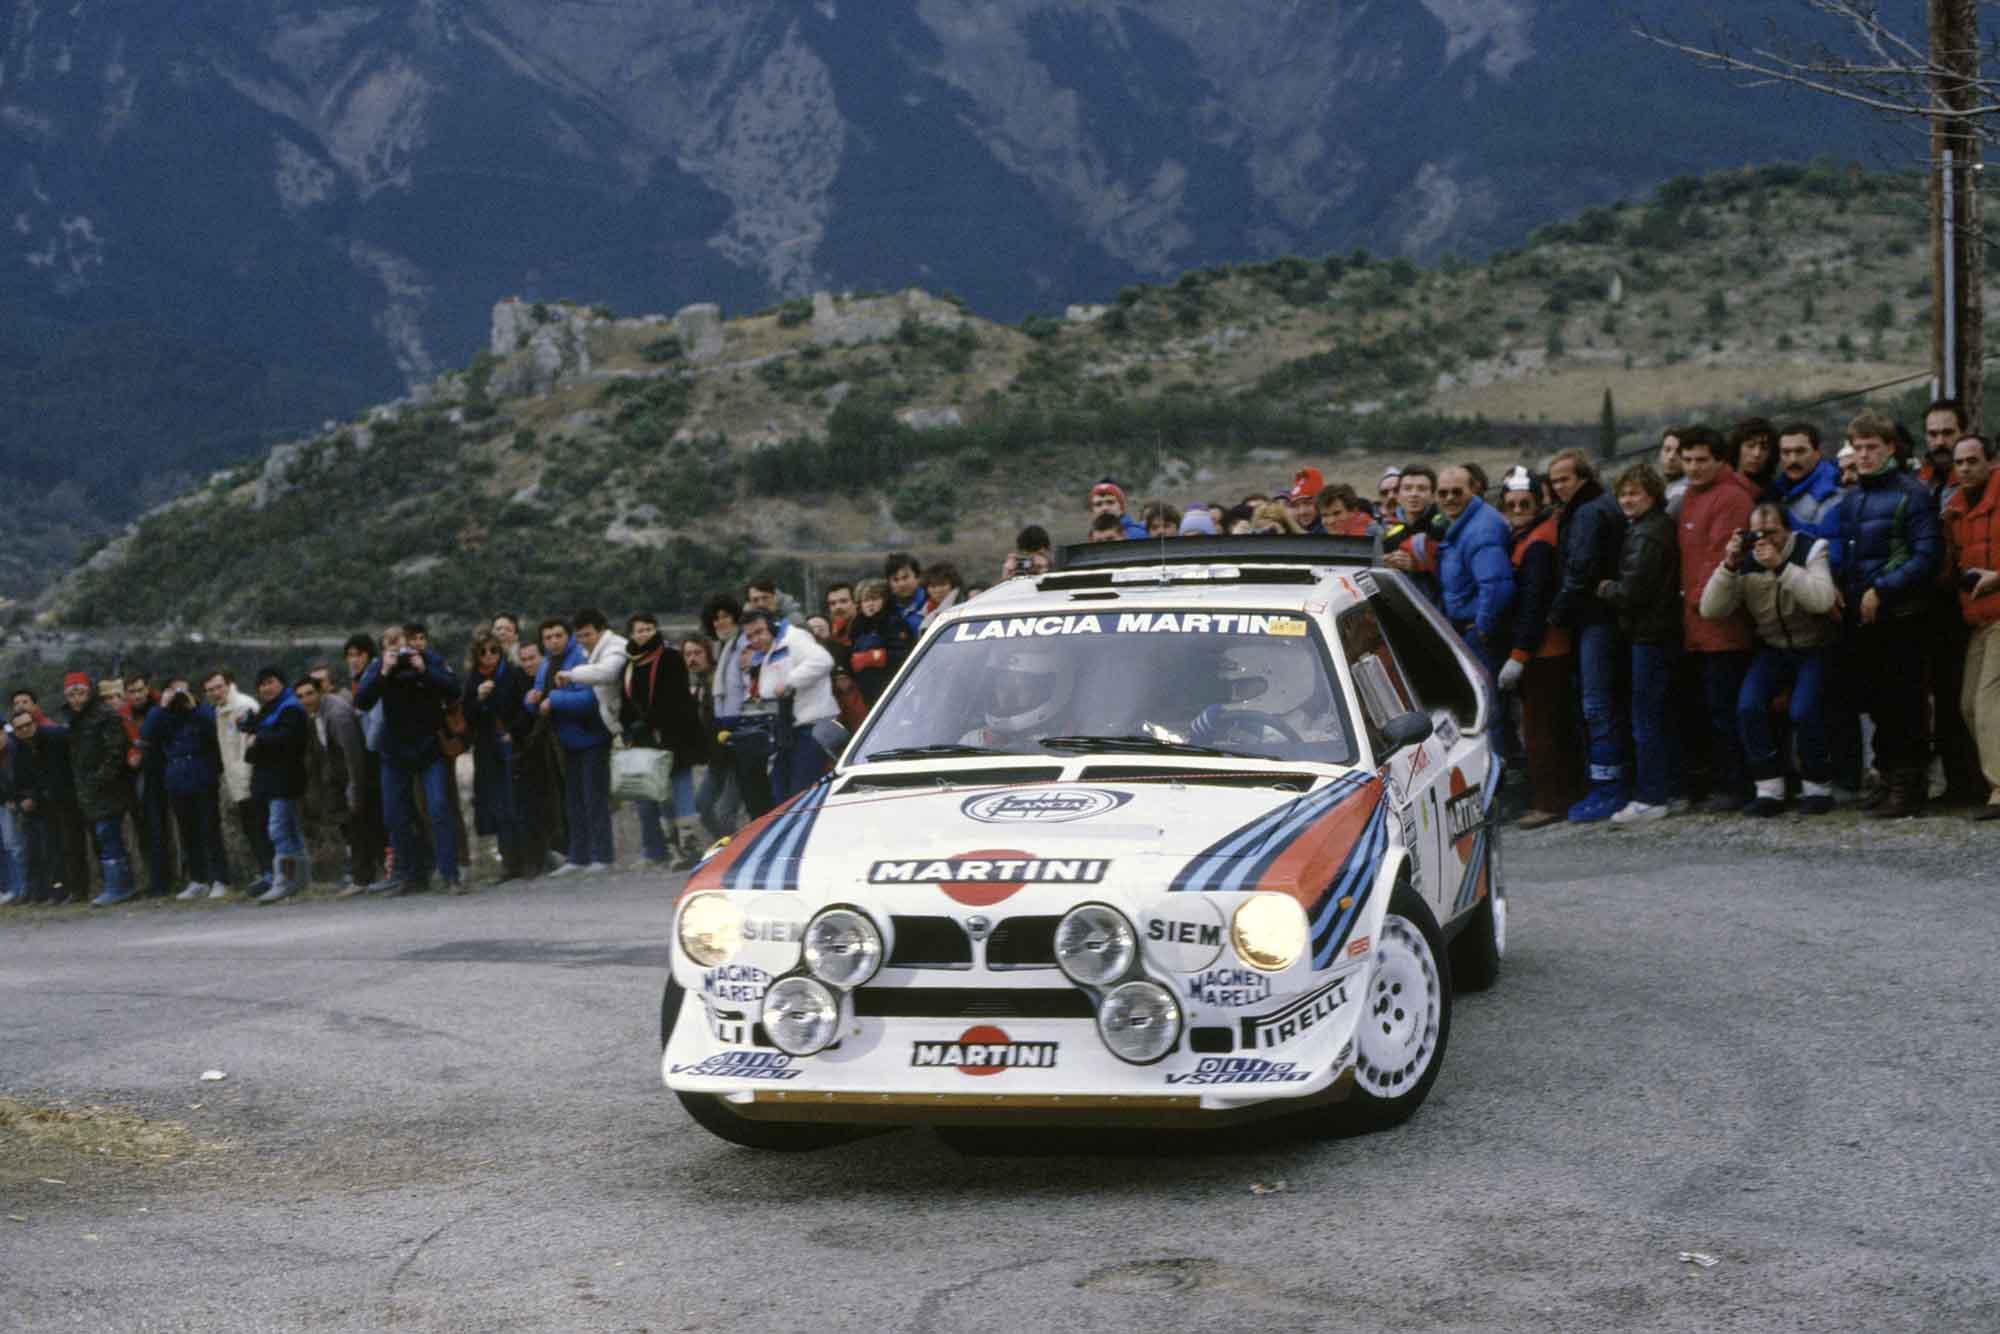 Henri Toivonen attacks the 1986 Monte Carlo Rally in his Martini Lancia Delta